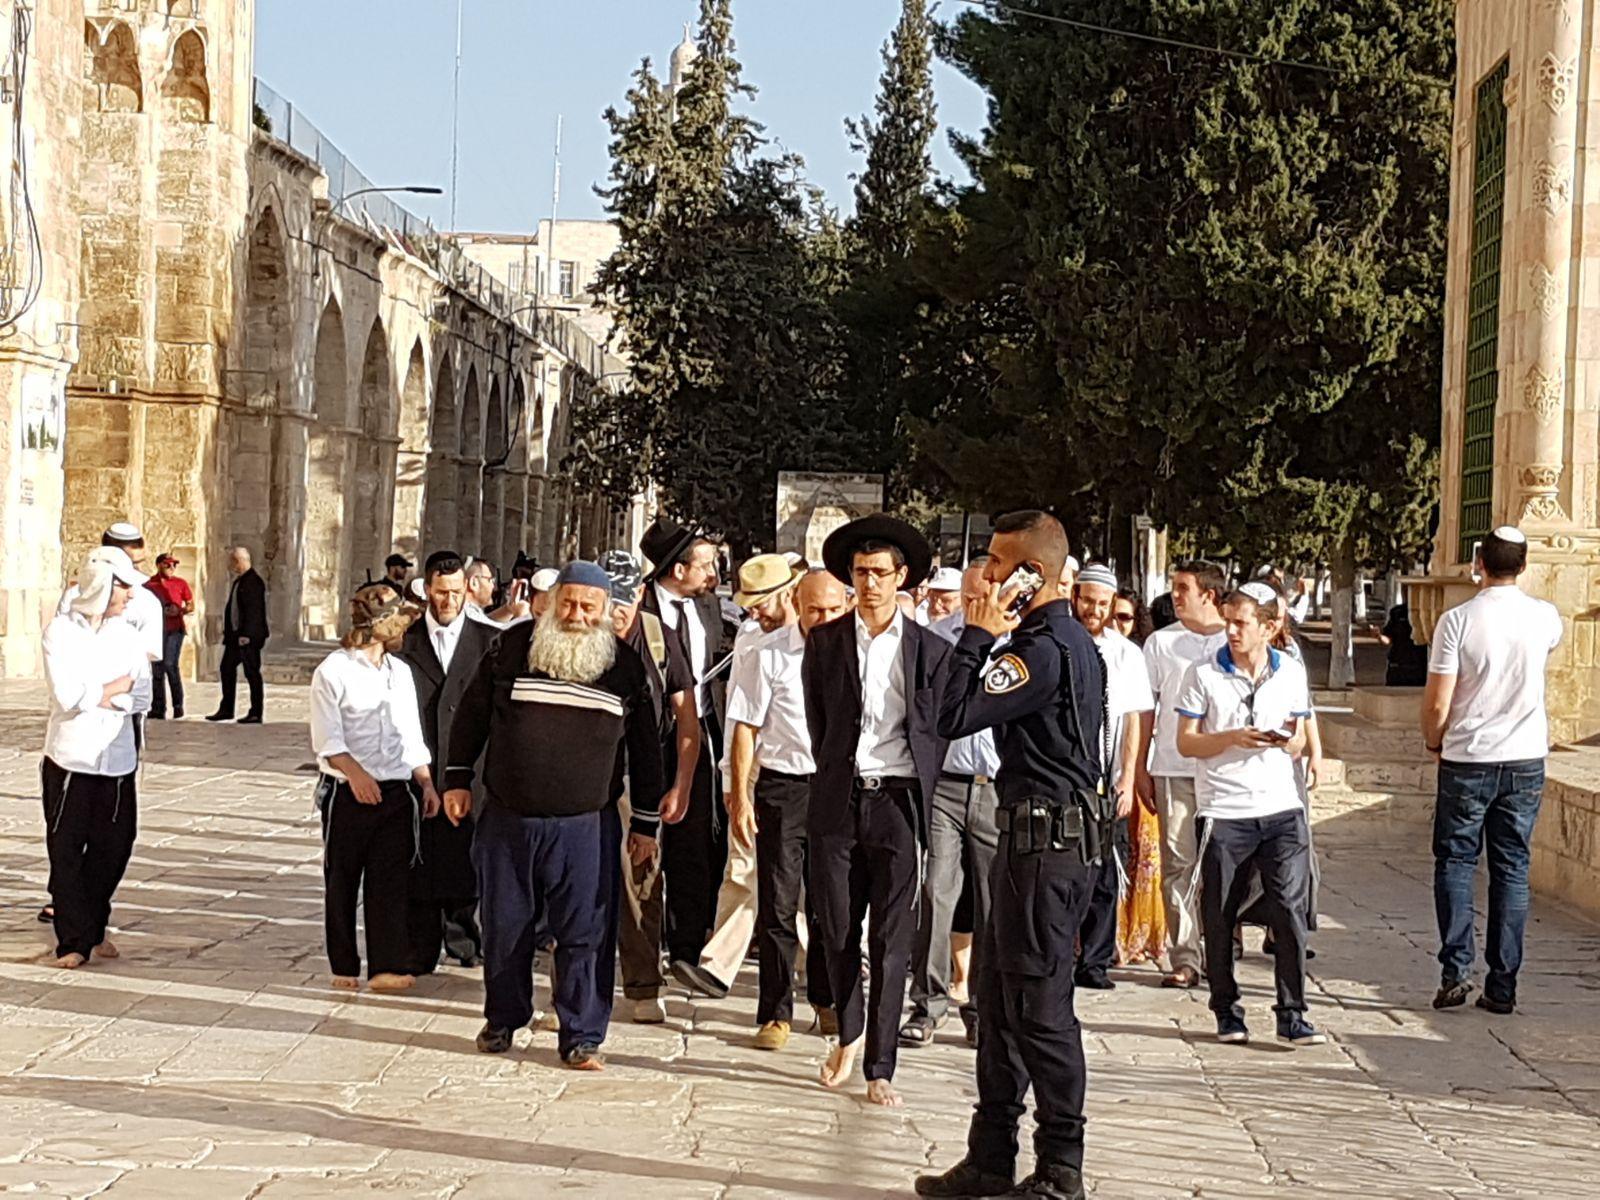 مئات المستوطنين يقتحمون الأقصى والاحتلال يستنفر بالقدس القديمة